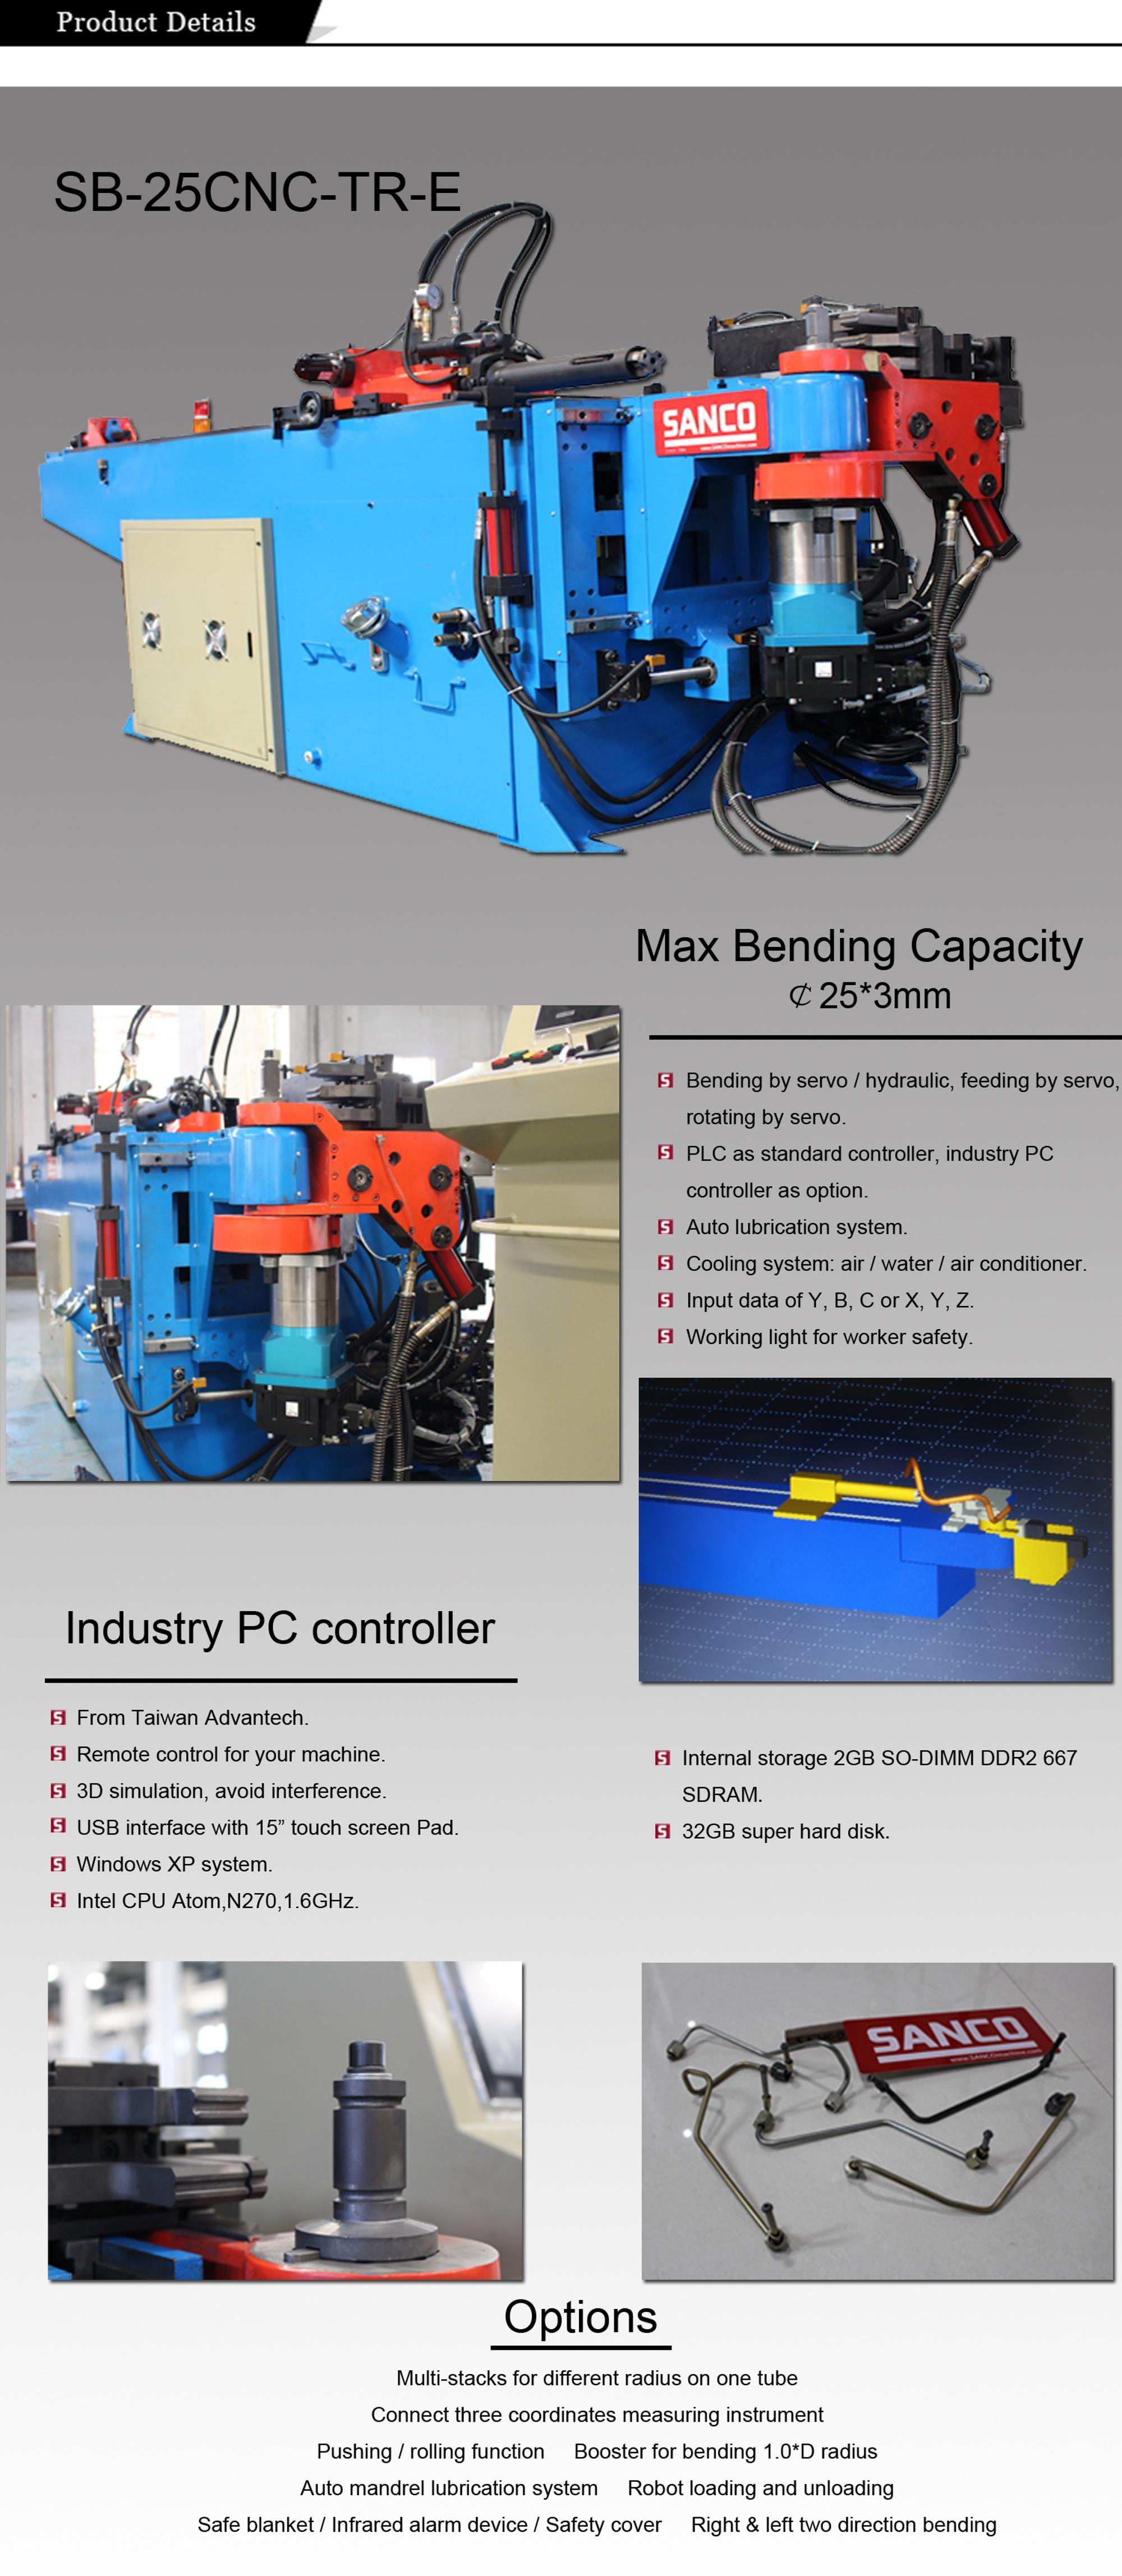 CNCเครื่องดัดท่อสำหรับท่อน้ำมันและเครื่องยนต์หลอดและเครื่องยนต์ดีเซลท่อ